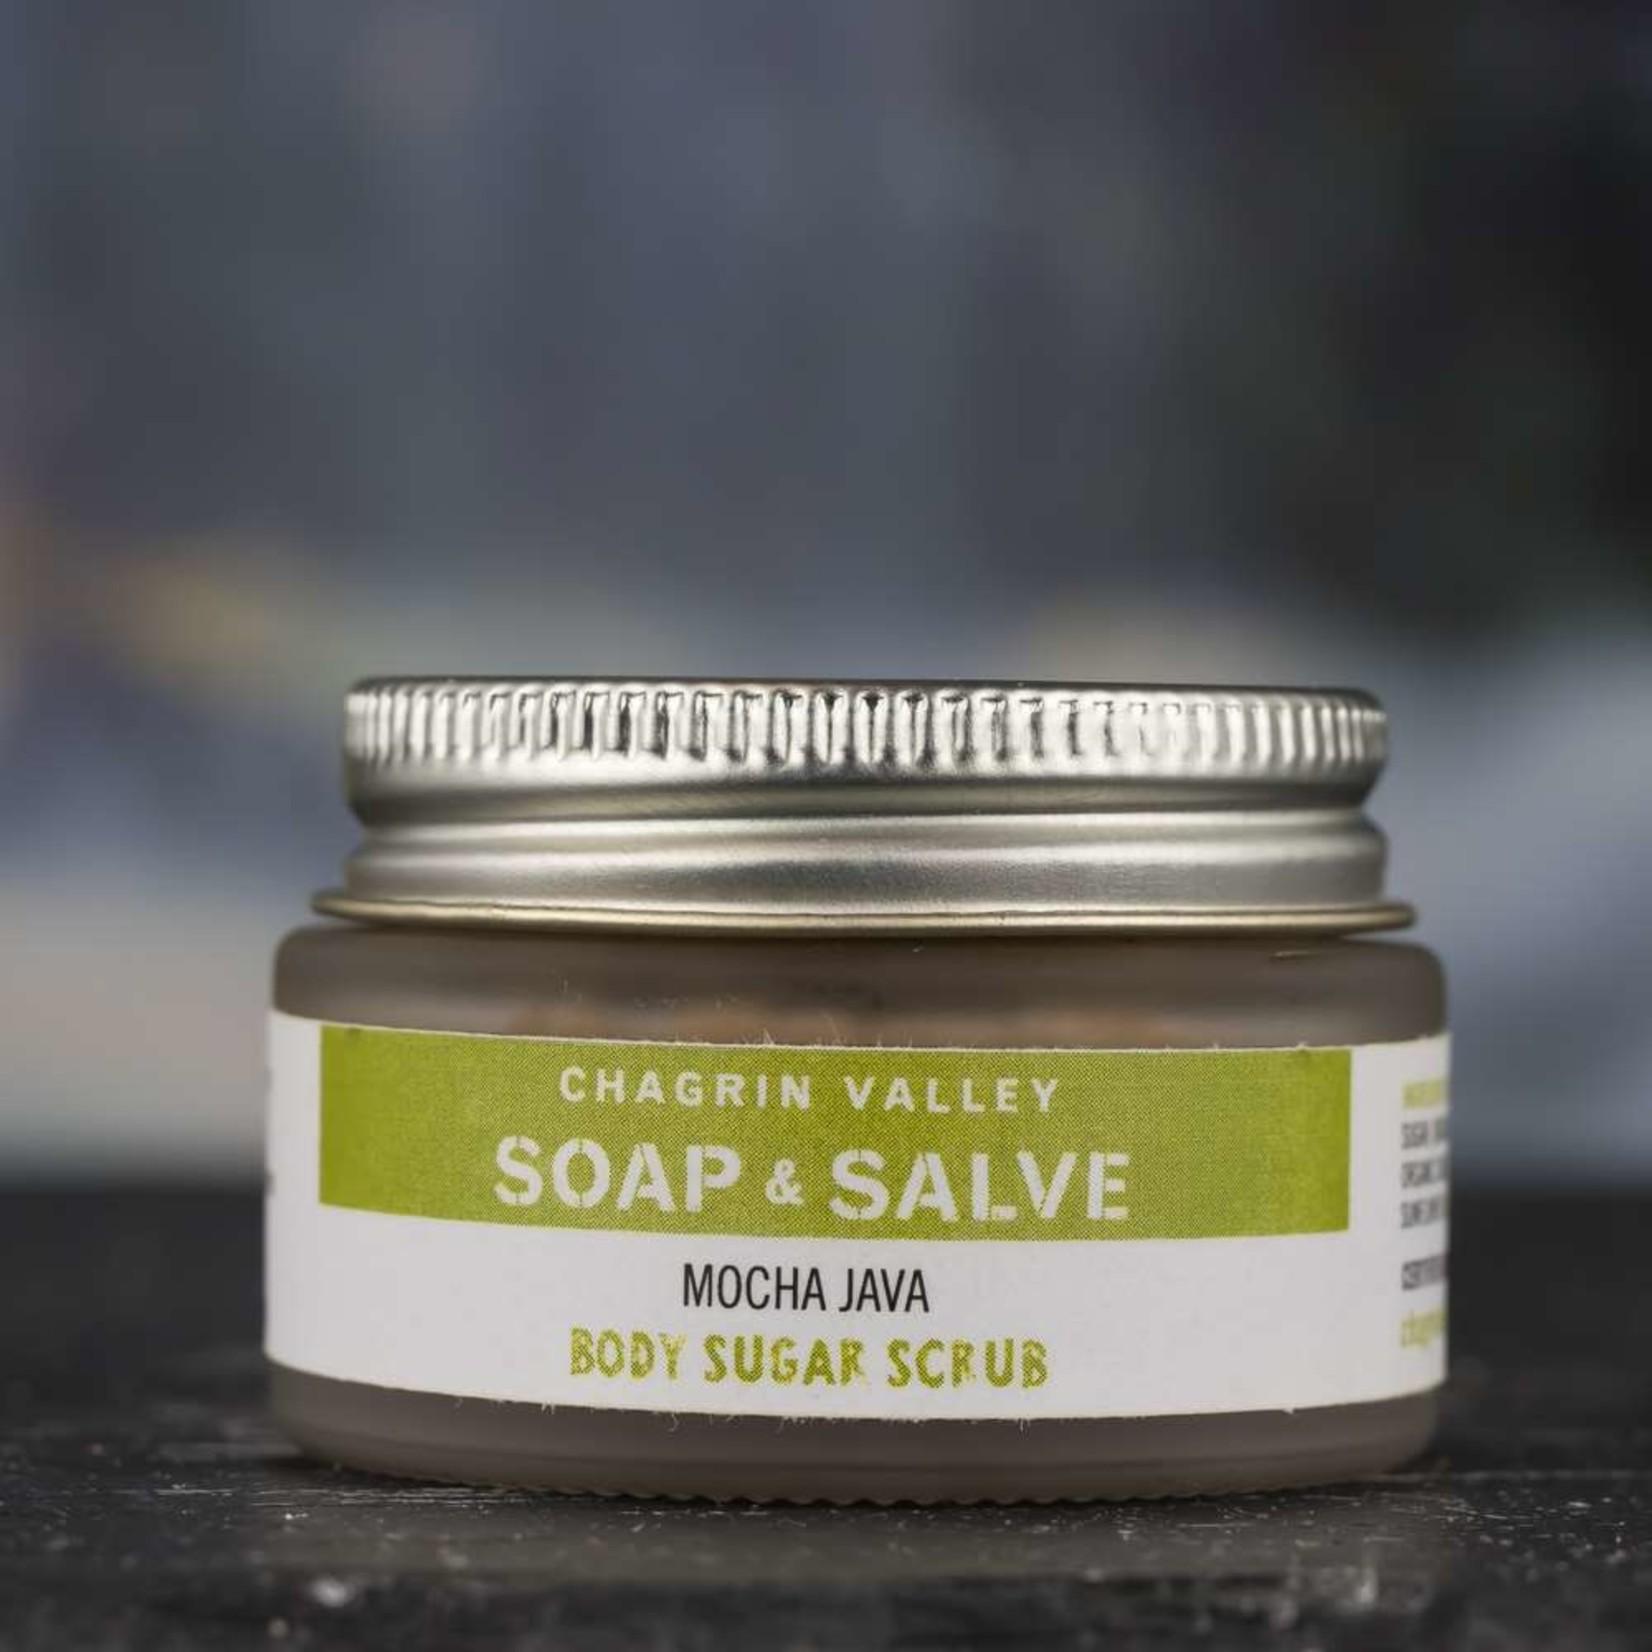 Chagrin Valley Soap and Salve Mocha Java Body Sugar scrub 1oz Travel Jar